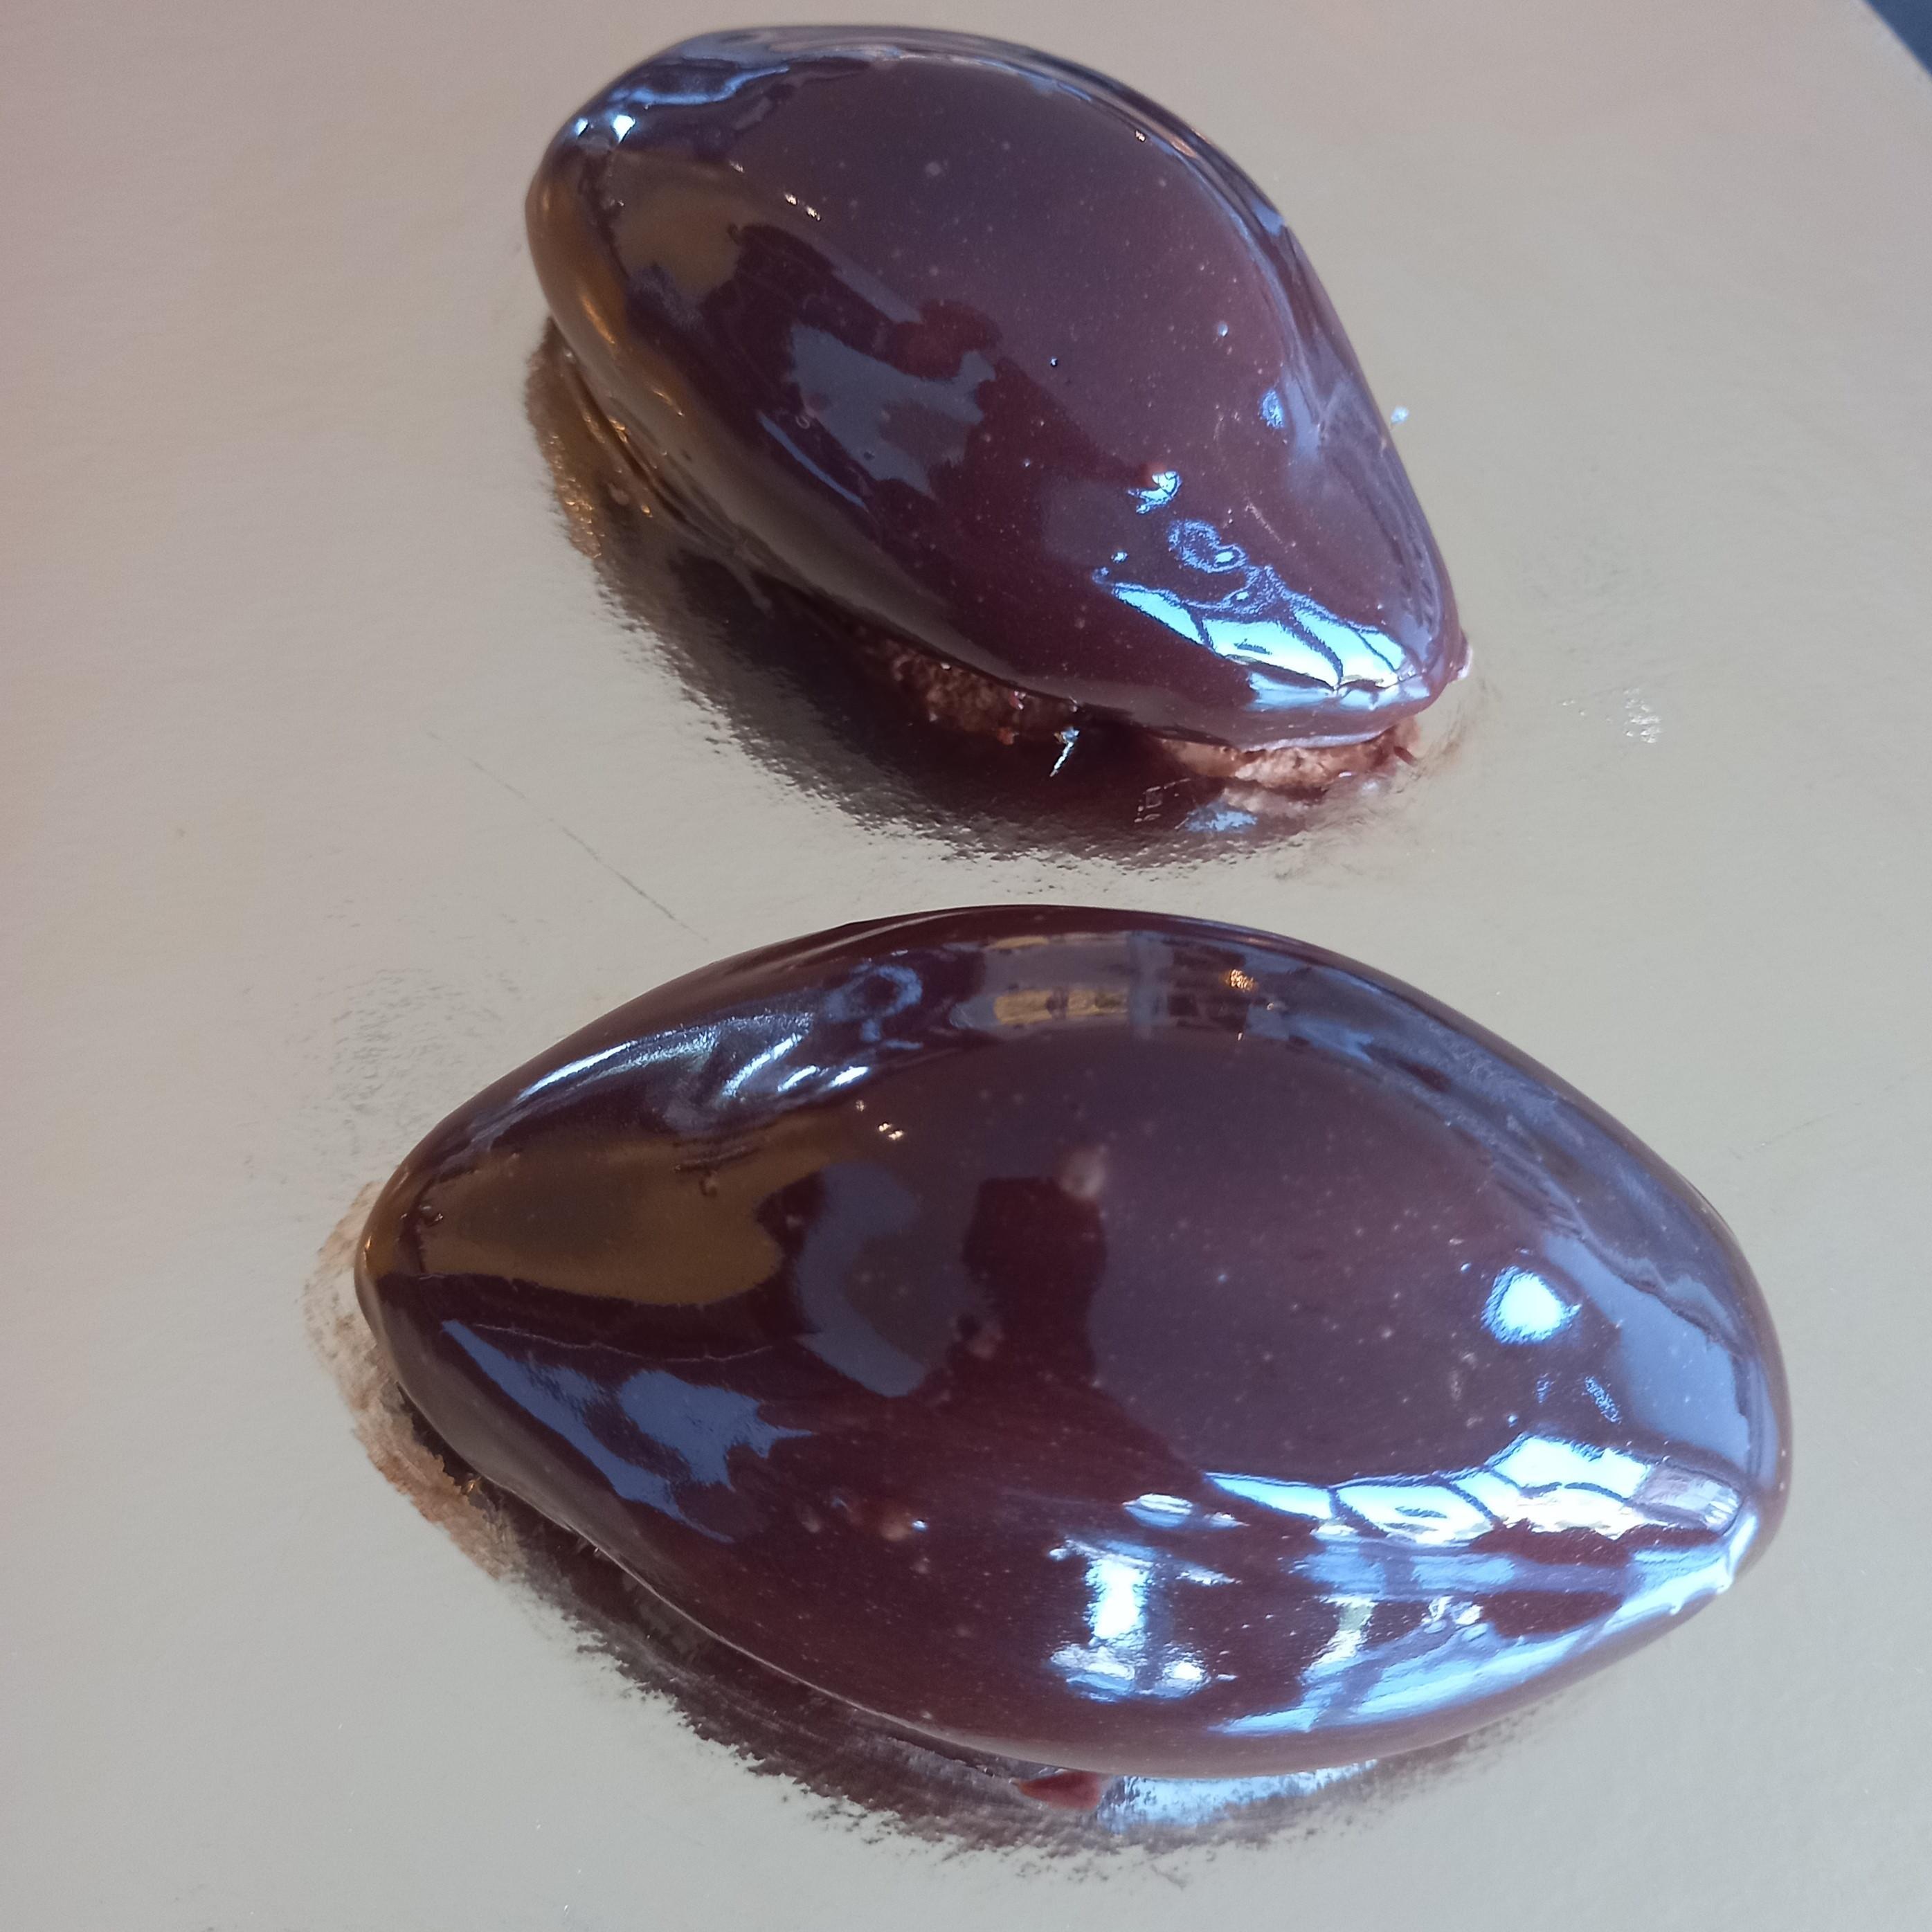 Les Cabosses Entremet trois chocolats 3H